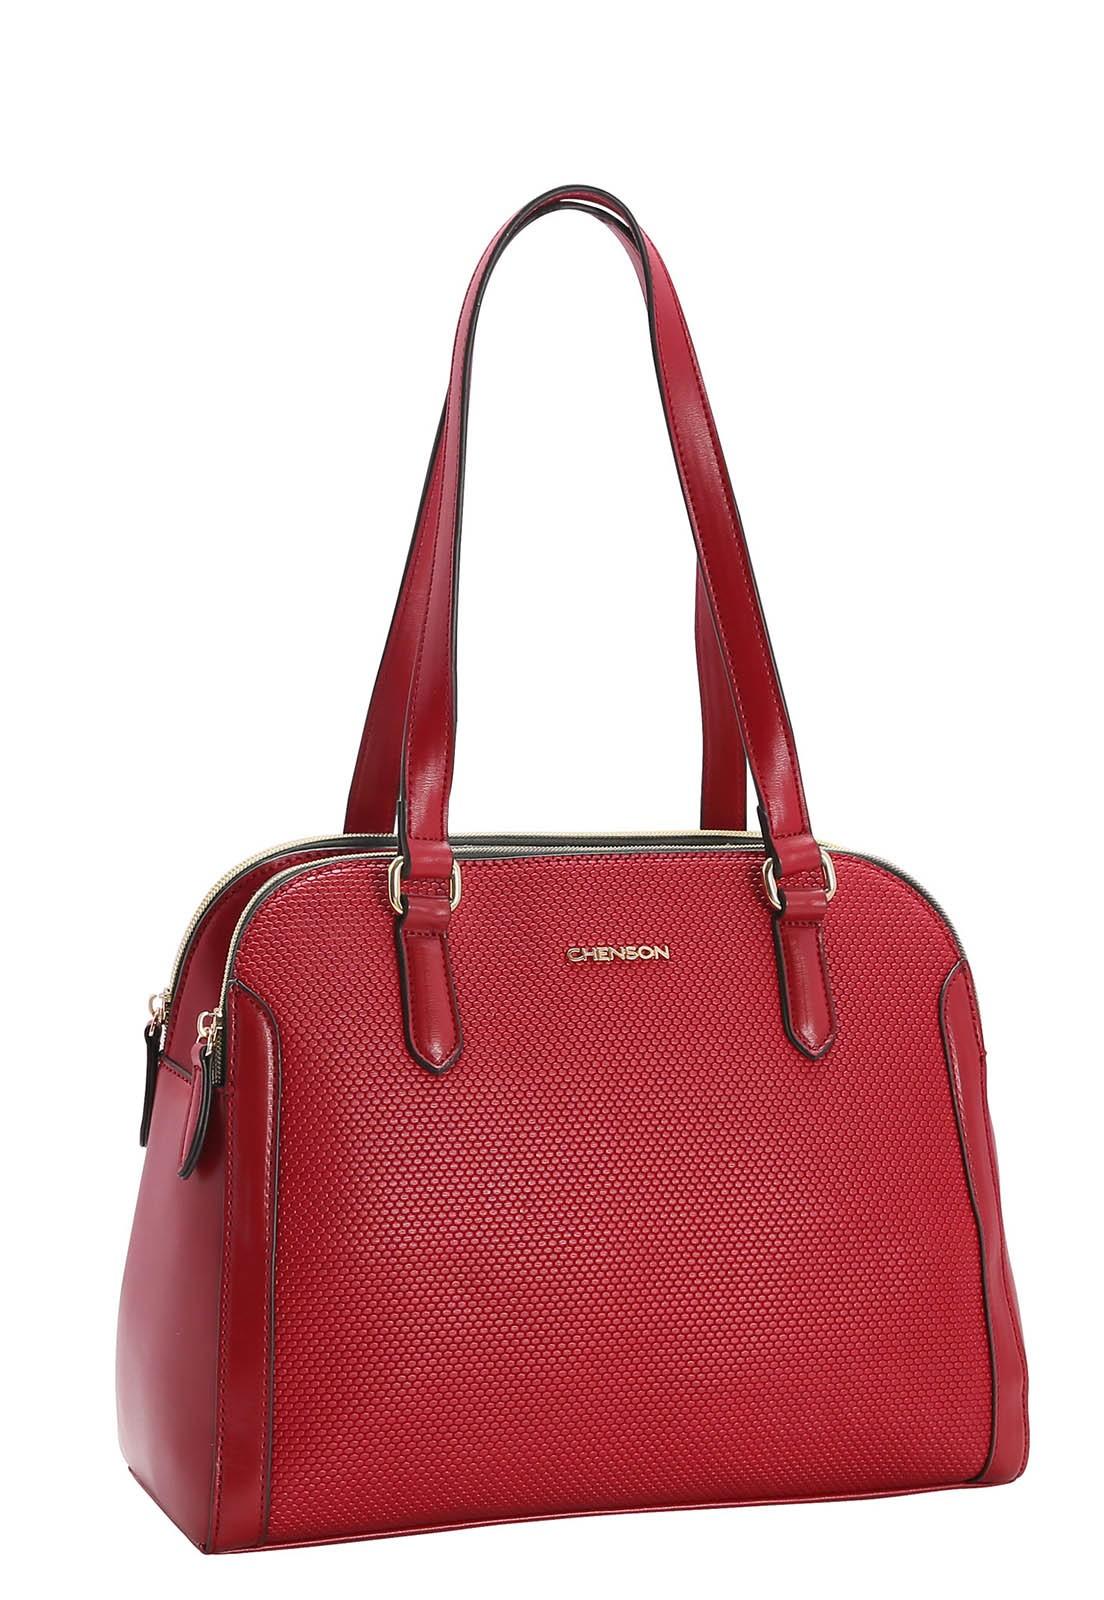 Bolsa Feminina Chenson Texturizado de Ombro 3482853